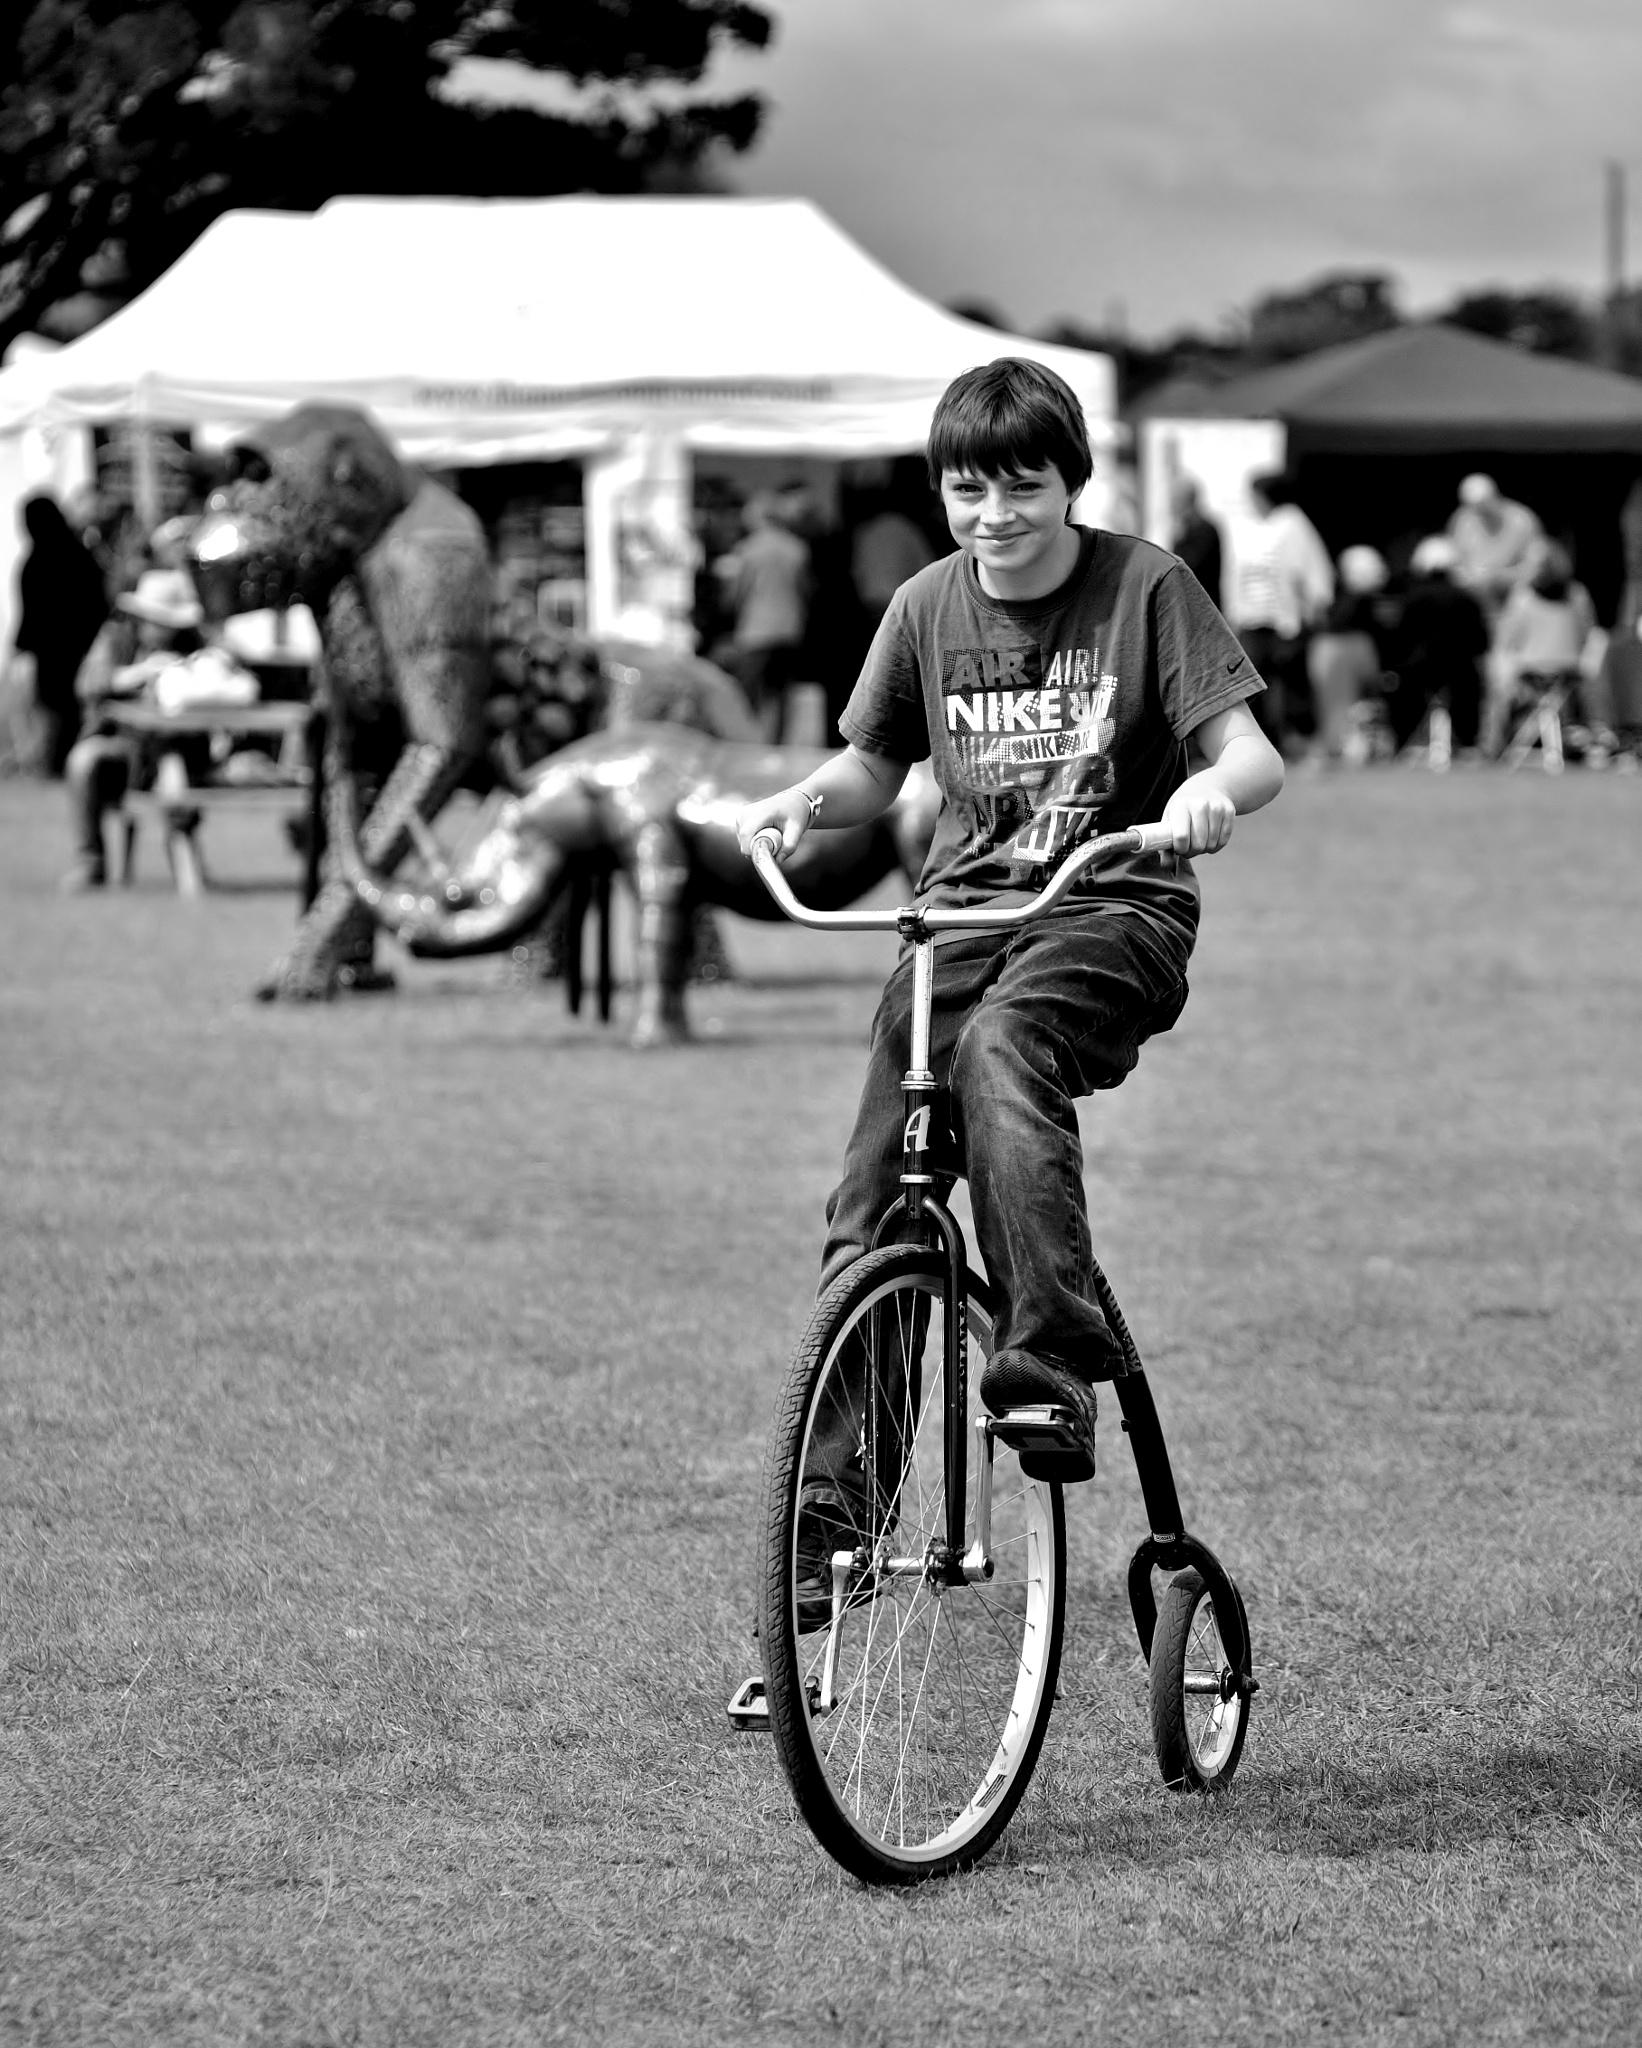 Shrewsbury Folk Festival - Boy - Penny Farthing - Monochrome by paul.hosker